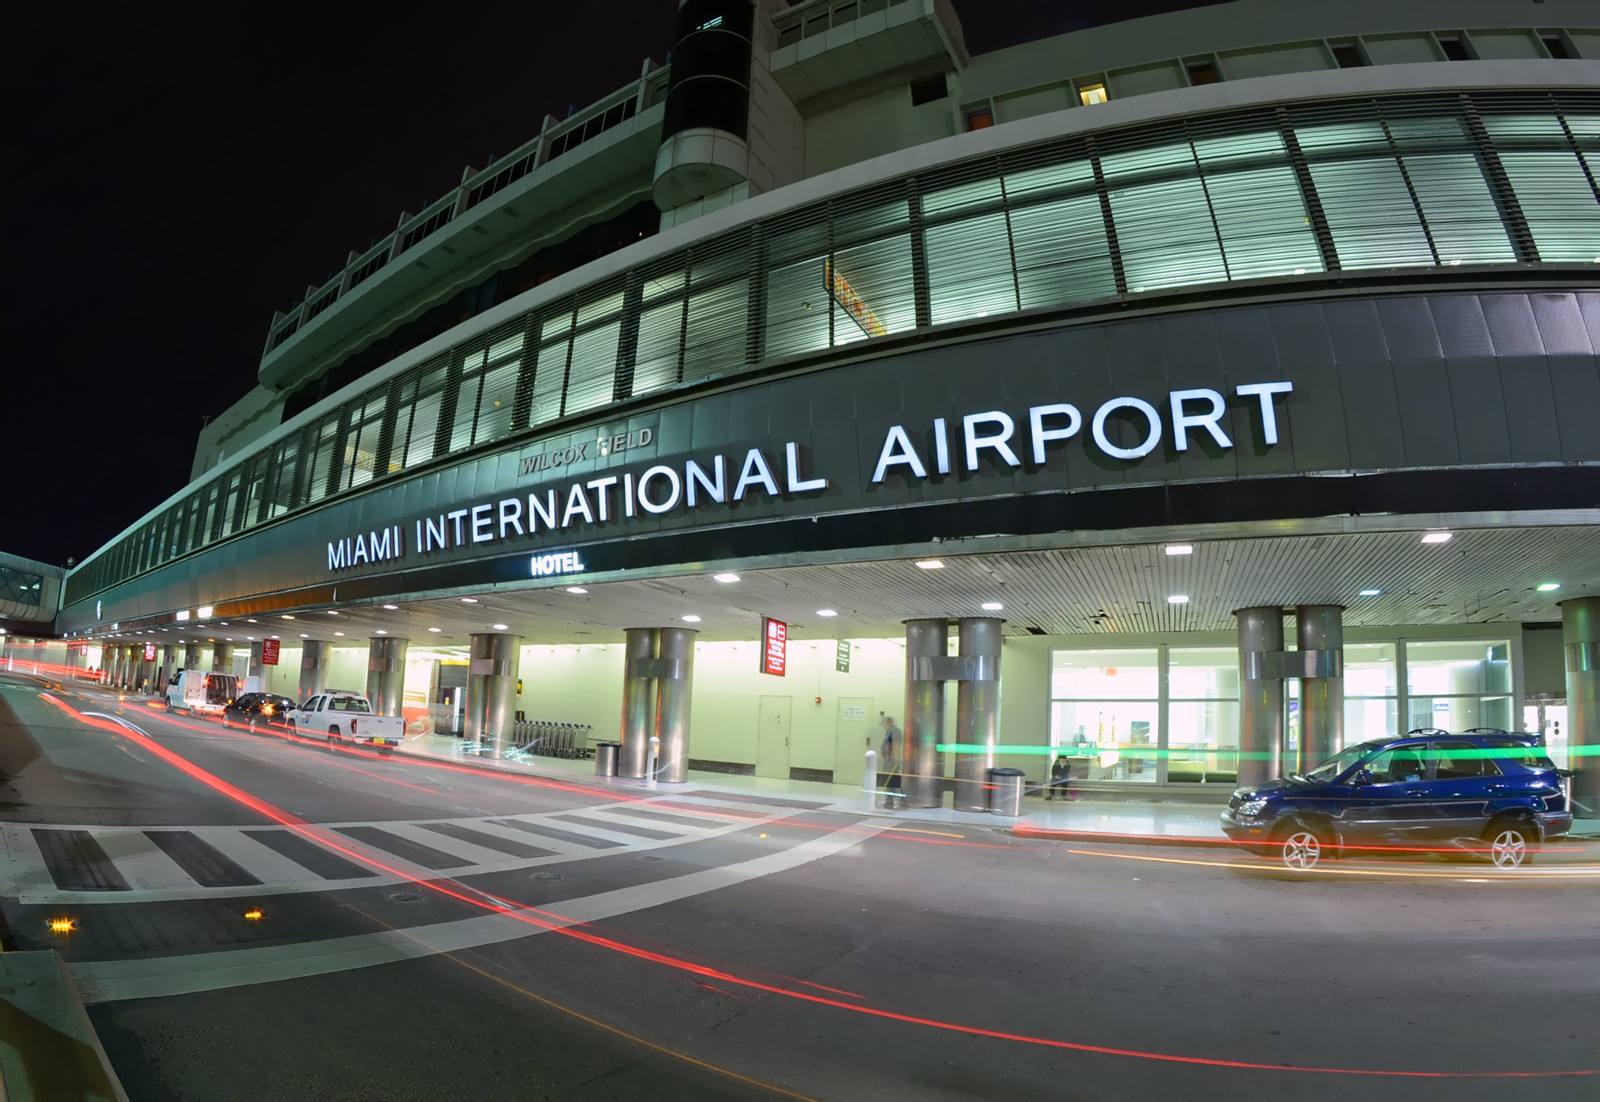 Aerodrom u Majamiju od sada koristi novu biometrijsku tehnologiju skeniranja lica putnika